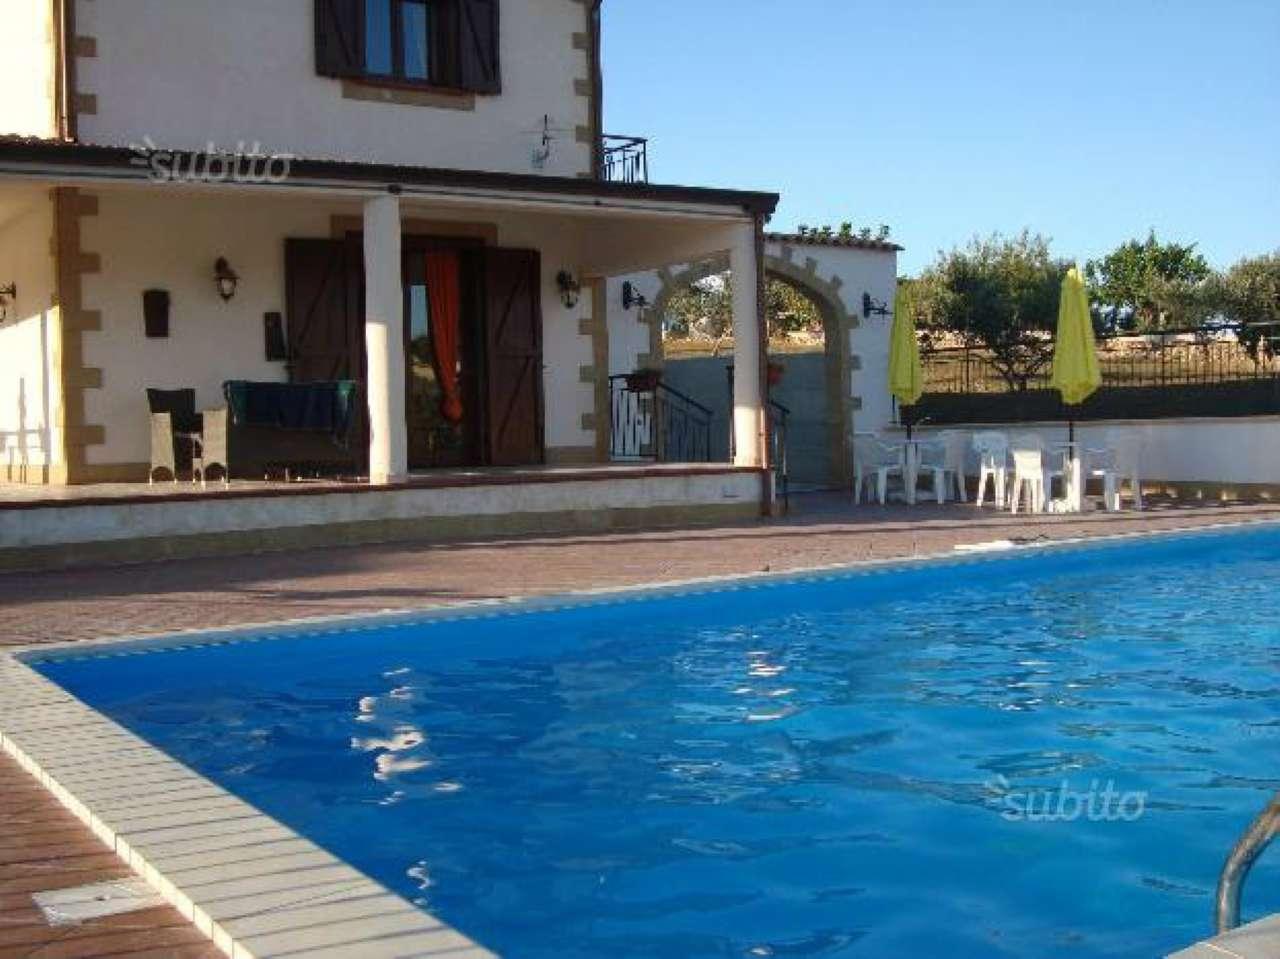 Villa in vendita a Partinico, 5 locali, prezzo € 250.000 | CambioCasa.it